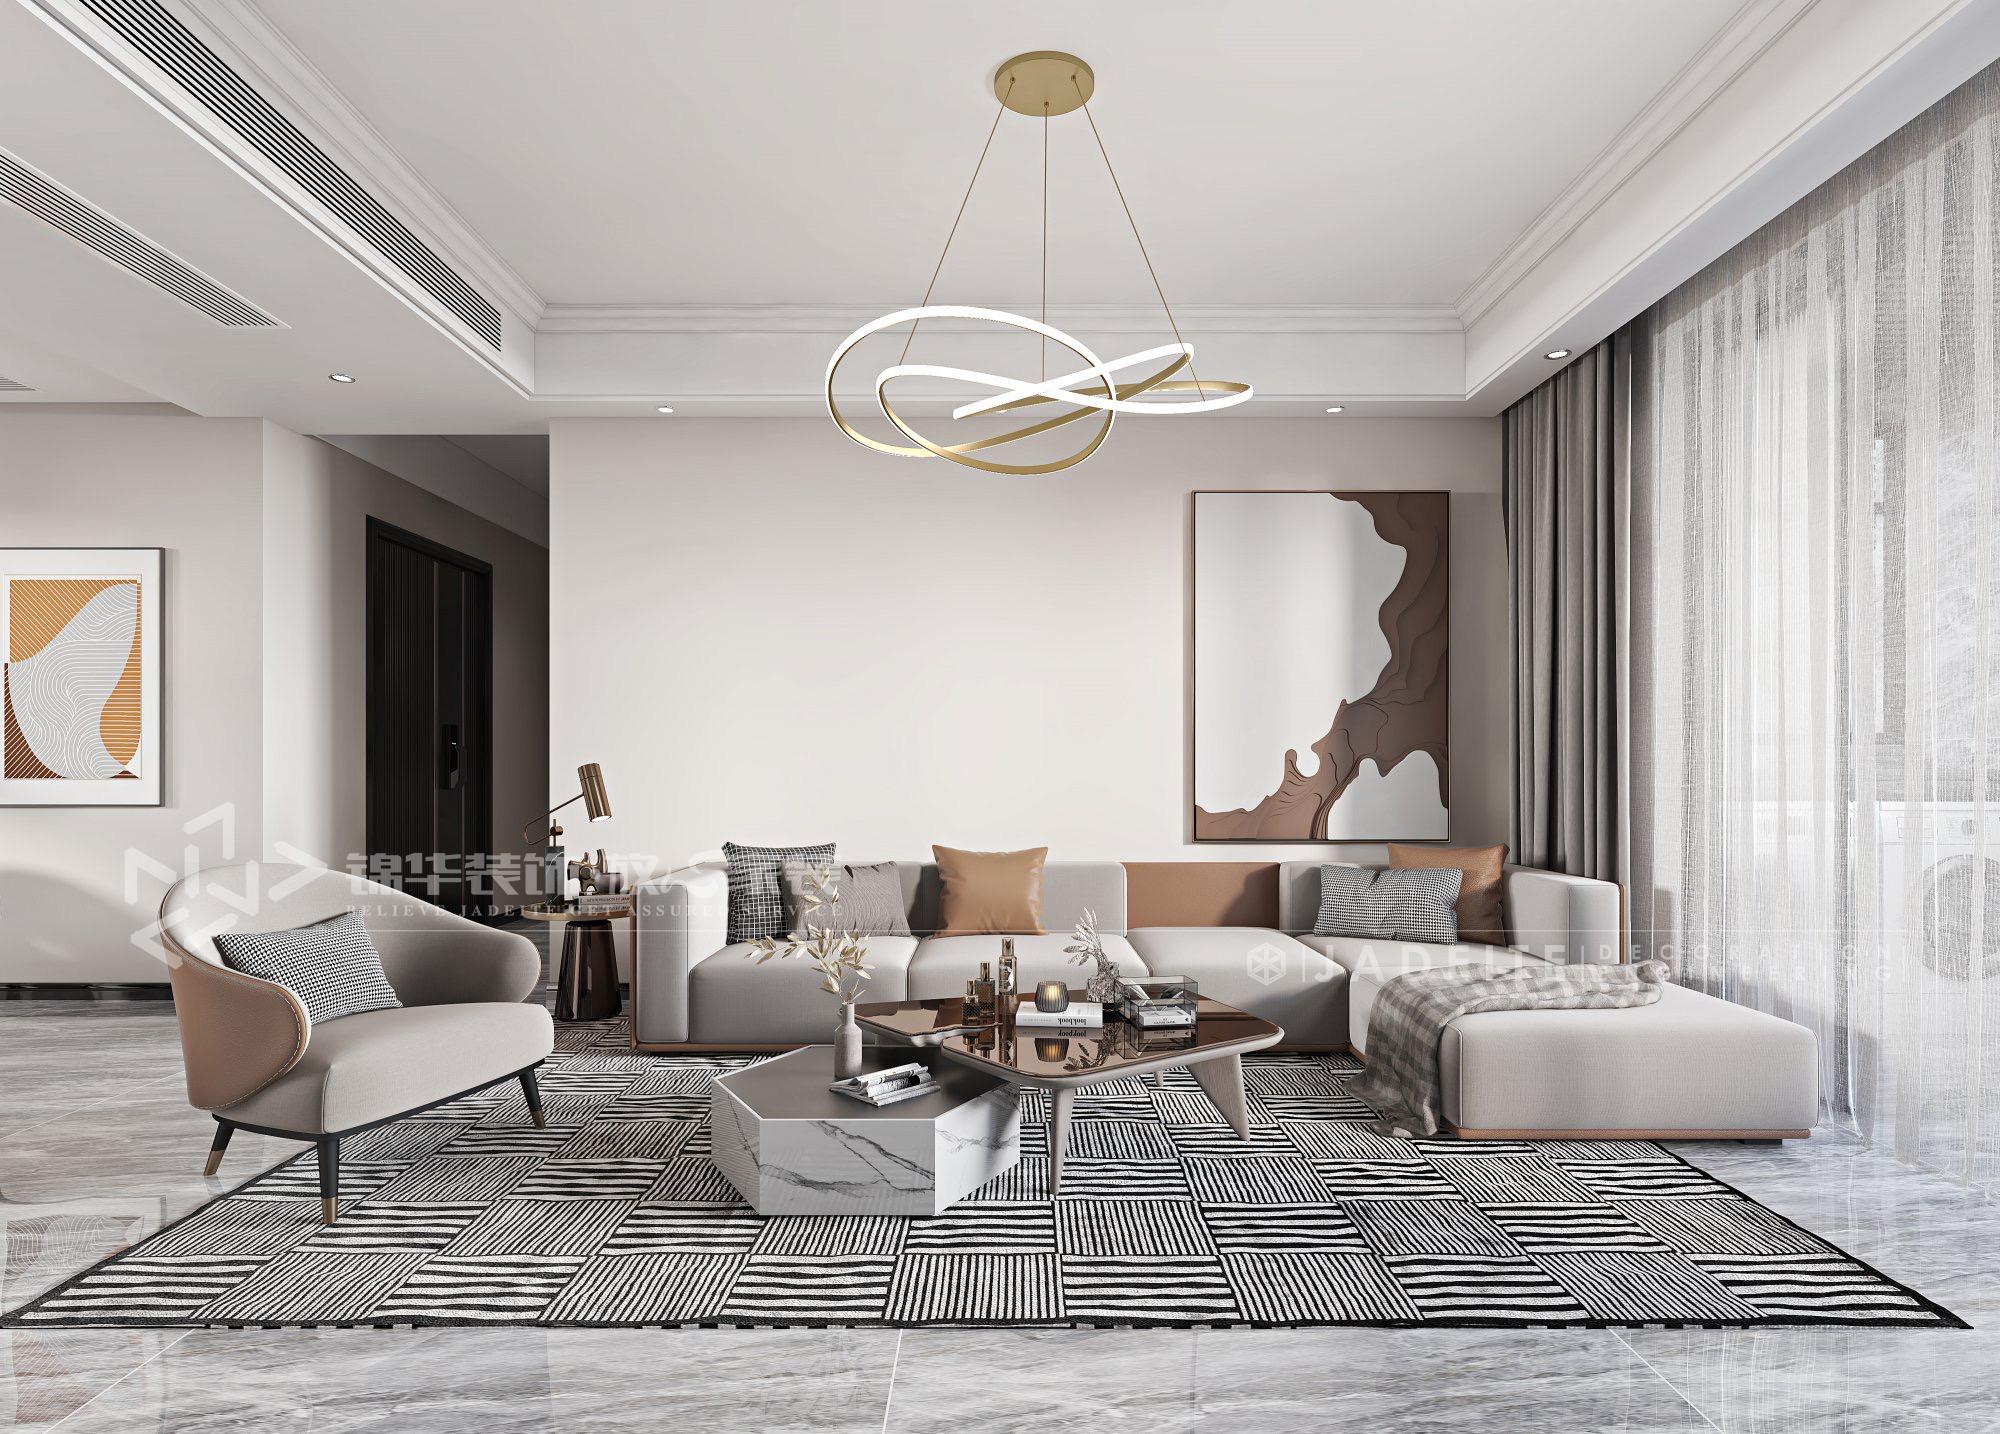 世茂璀璨泱颂-现代简约-140㎡-三室两厅